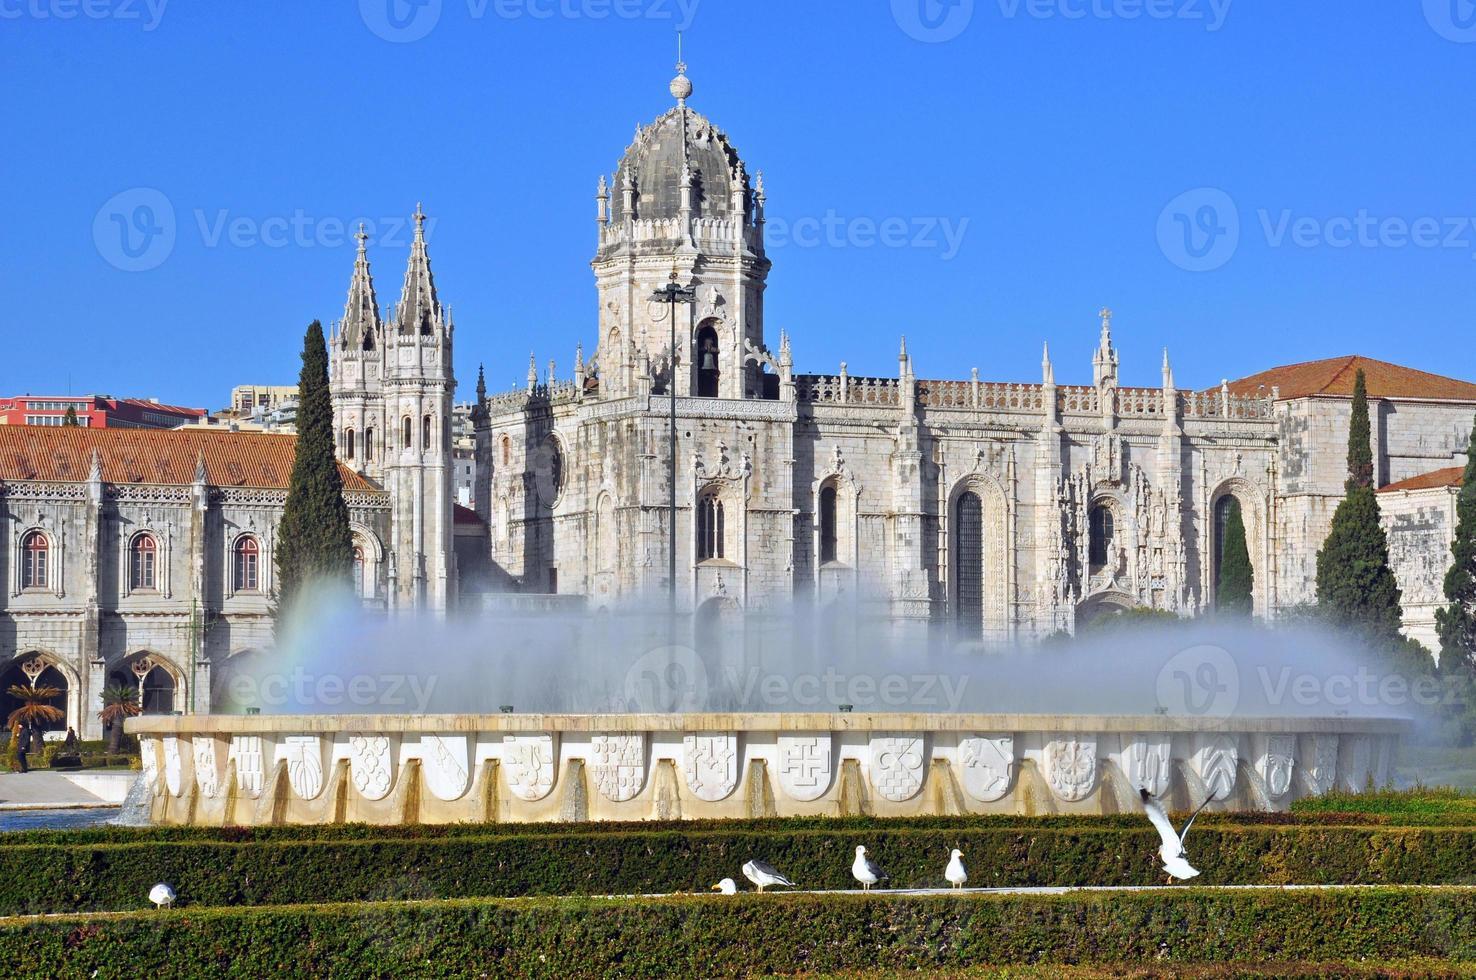 mosteiro de lisboa foto